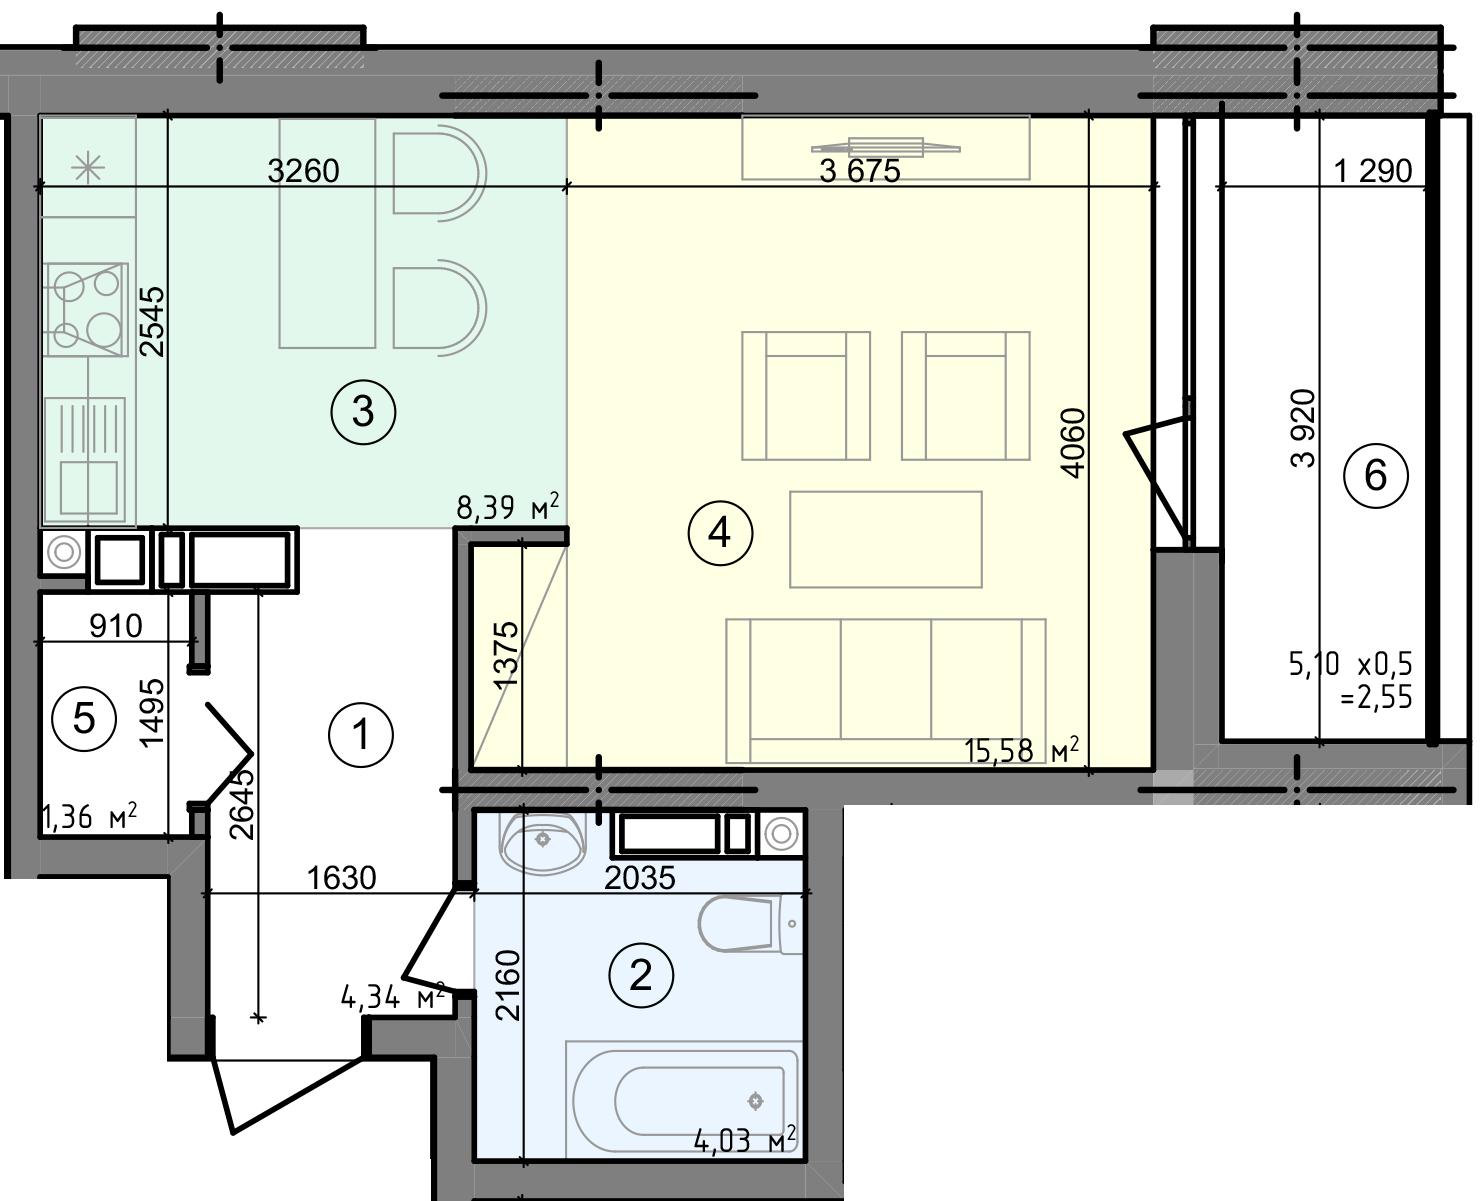 Купить Однокомнатная квартира 36,25 кв.м., тип 1.1, дом 3 секция 3 в Киеве Голосеевский район